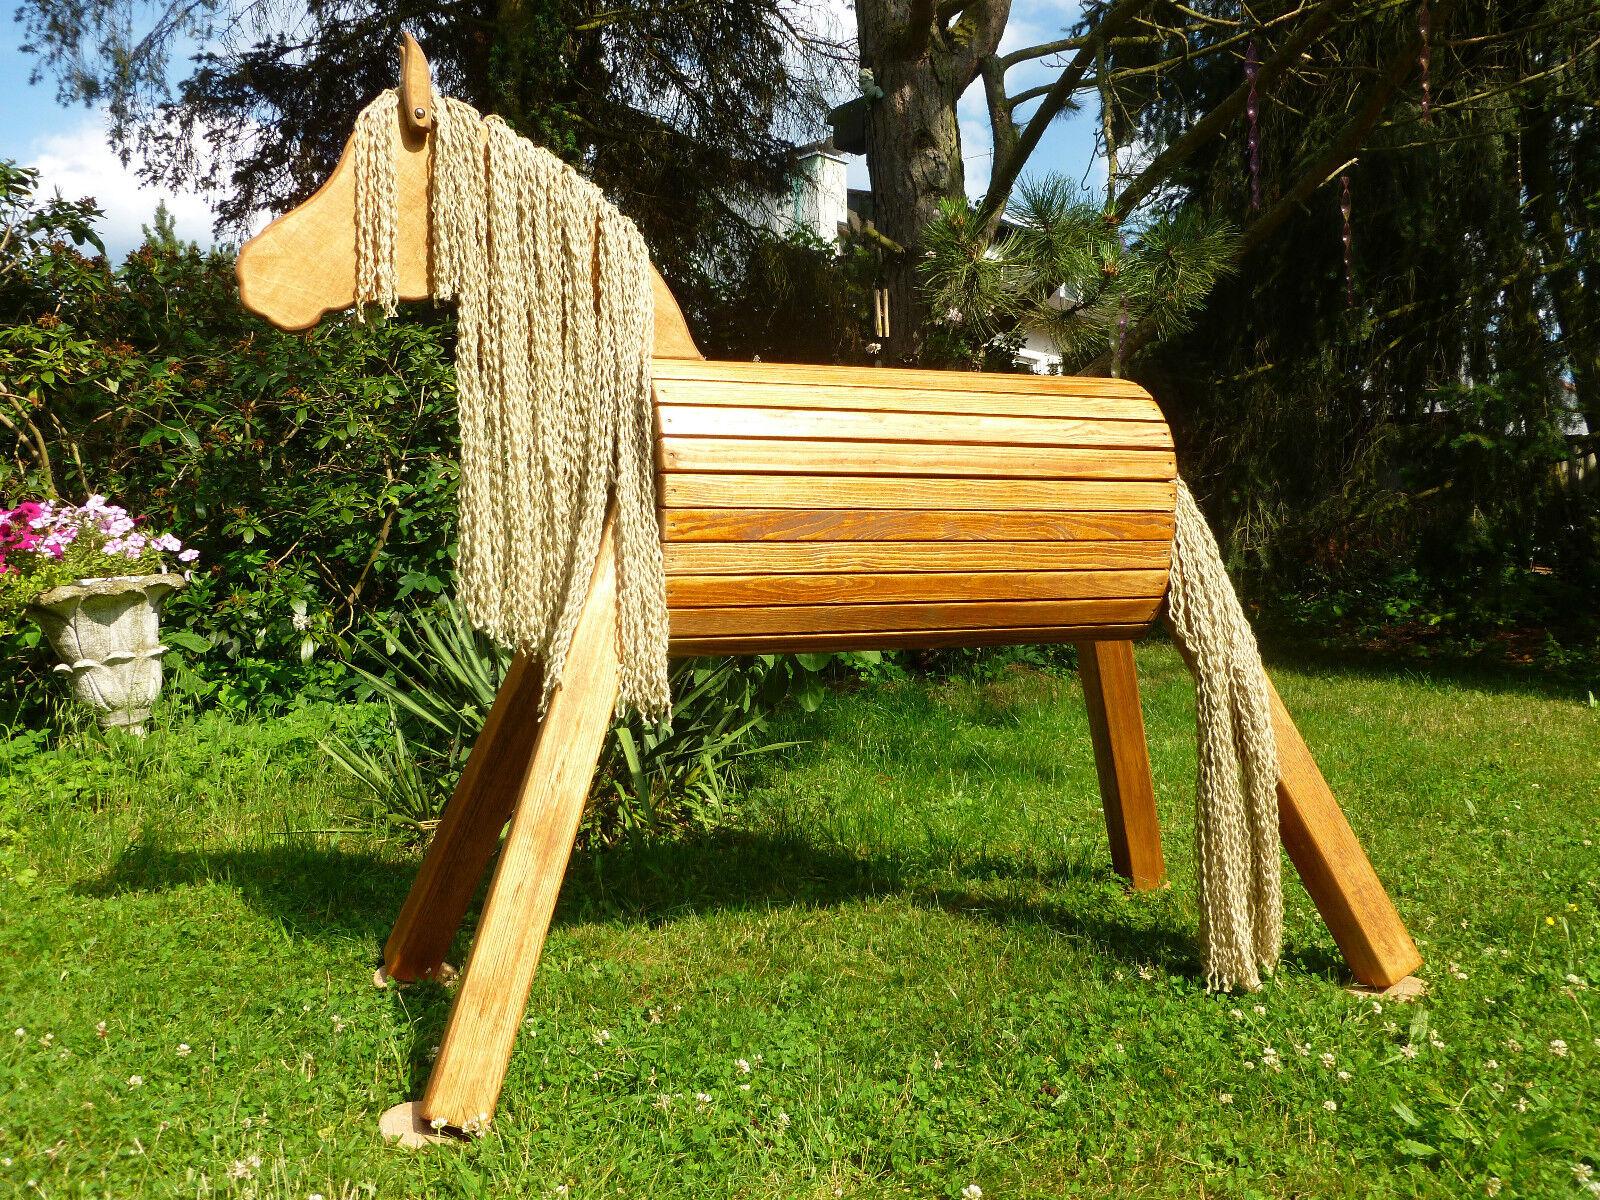 75cm Holzpferd Holzpony Voltigierpferd Spielpferd Pferd Pony  wetterfest NEU